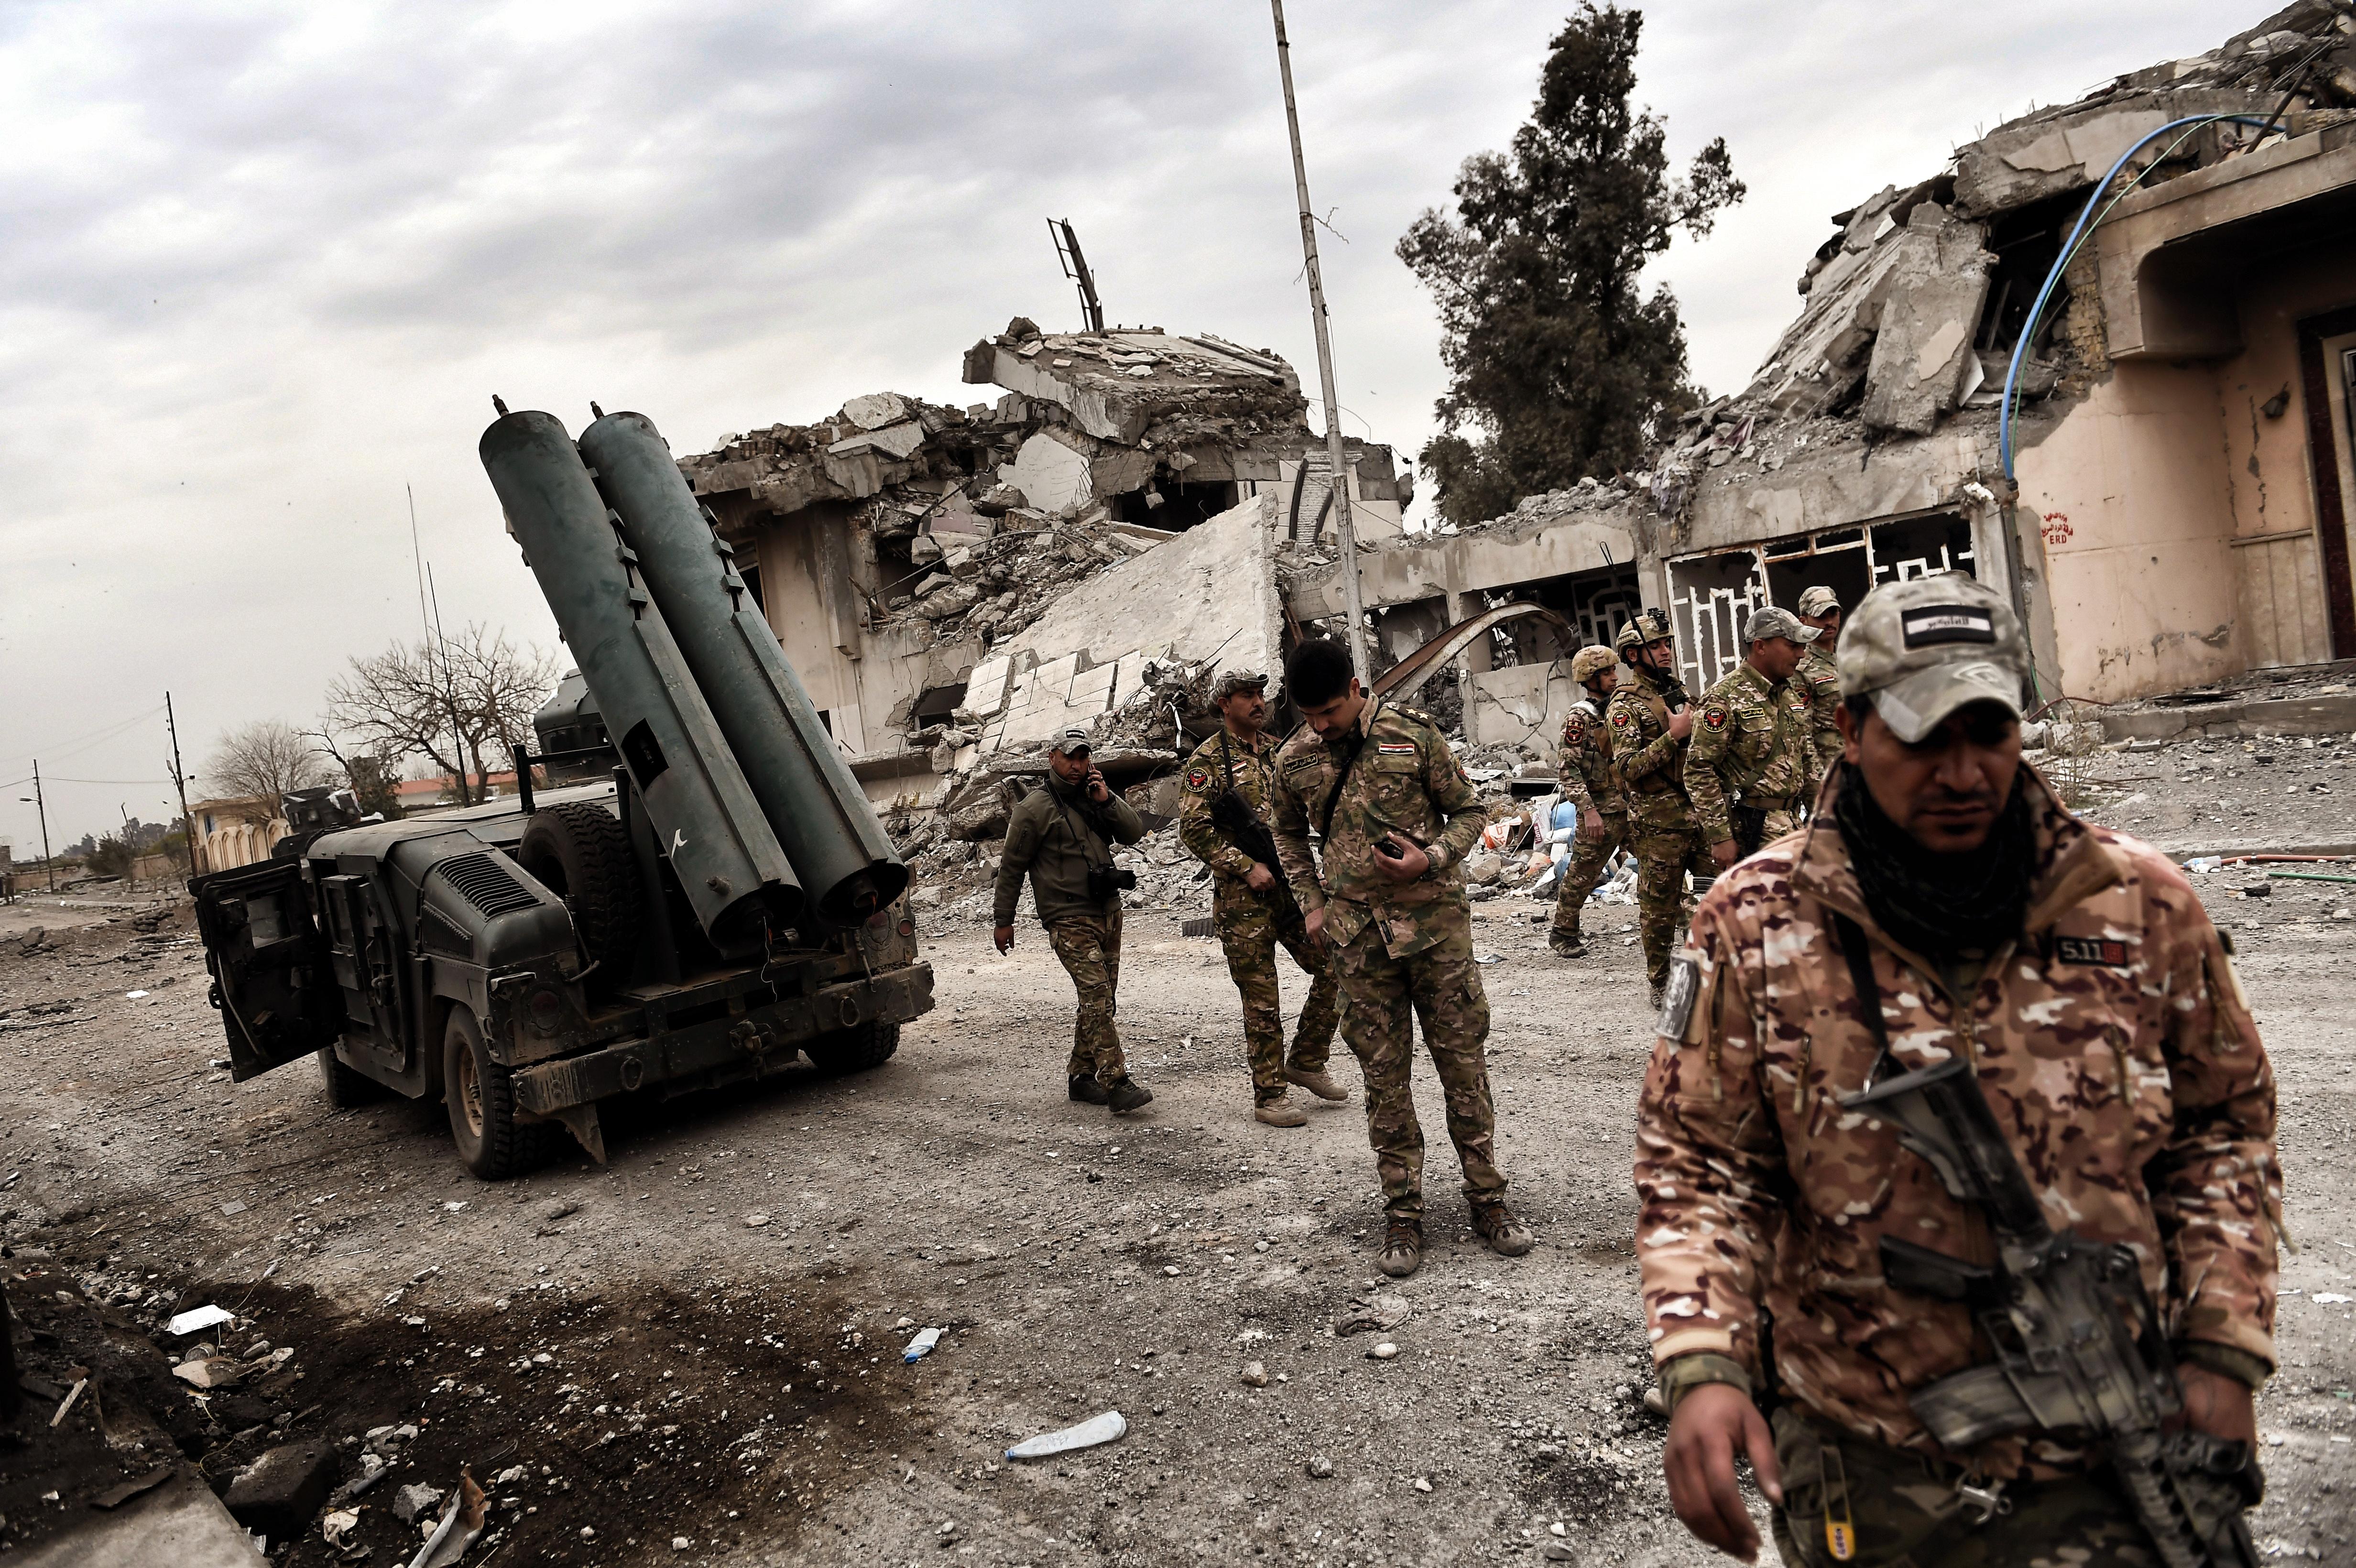 Olyan sok civil áldozat volt, hogy az iraki hadsereg felfüggesztette Moszul ostromát